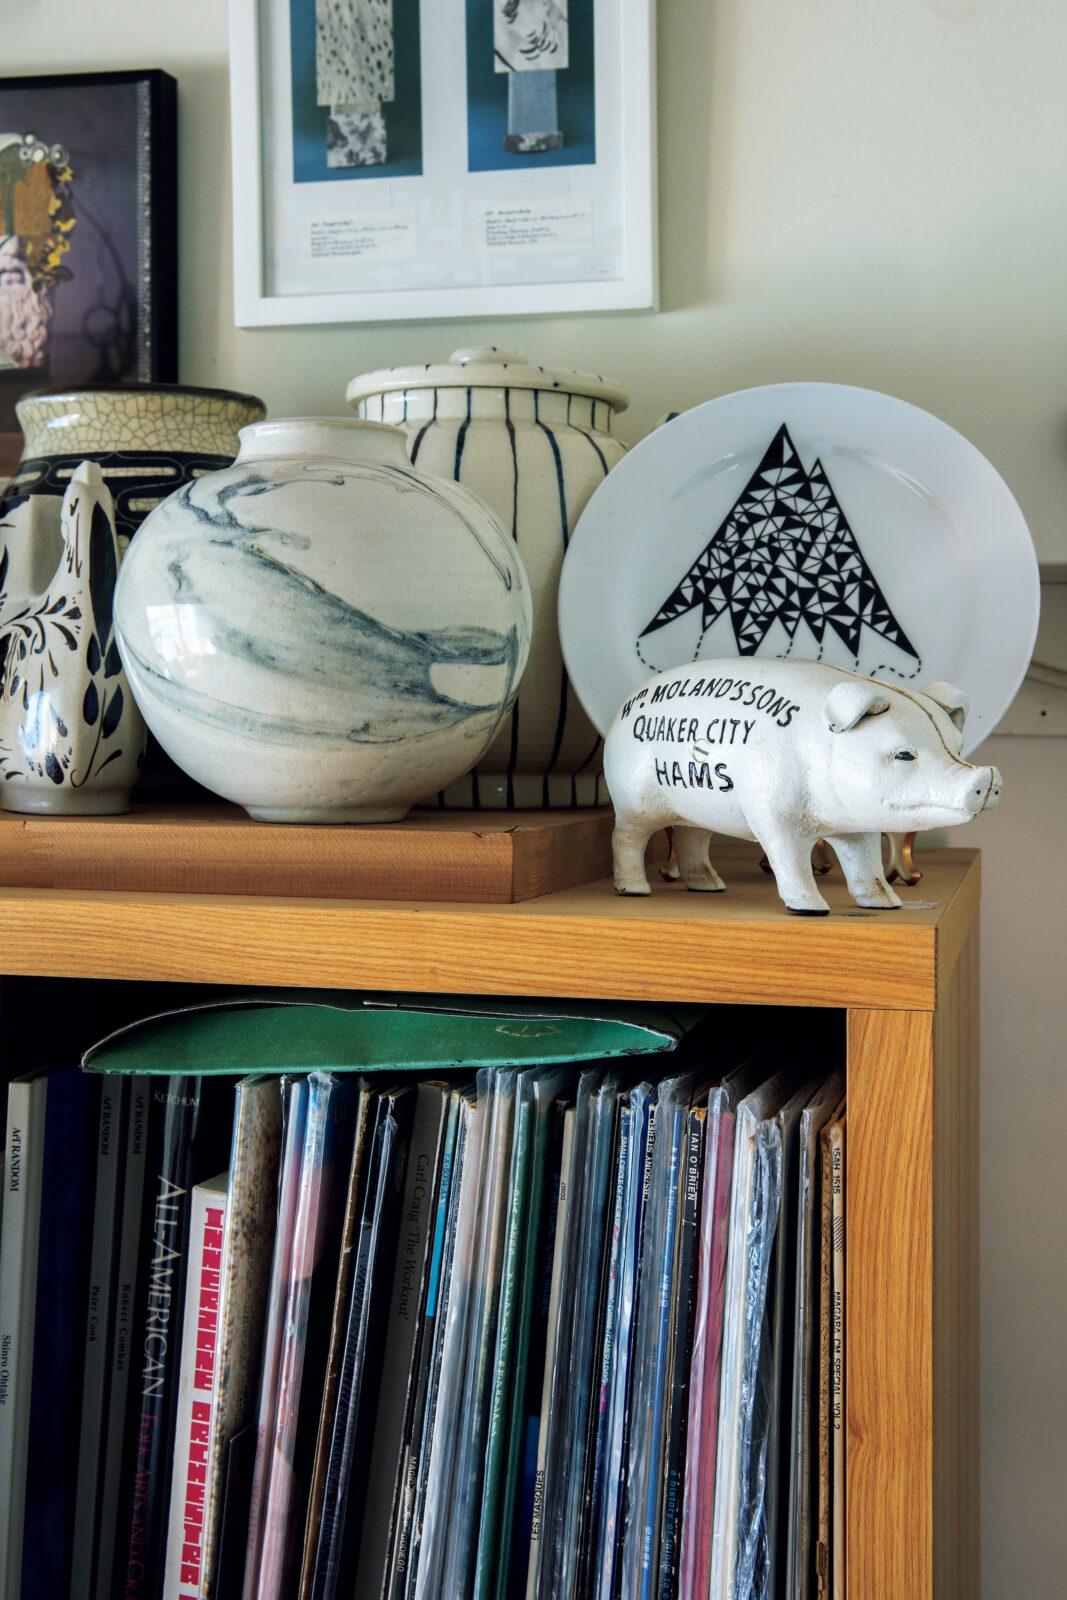 リビングのレコード棚右上は白を集めた一角に。豚の貯金箱は、かつてアメリカの精肉店で配られていたノベルティのレプリカ。後ろに立てかけた平皿は神山隆二。マーブル柄のように釉薬が入った白い壺は靖国神社で行われていた骨董市で。